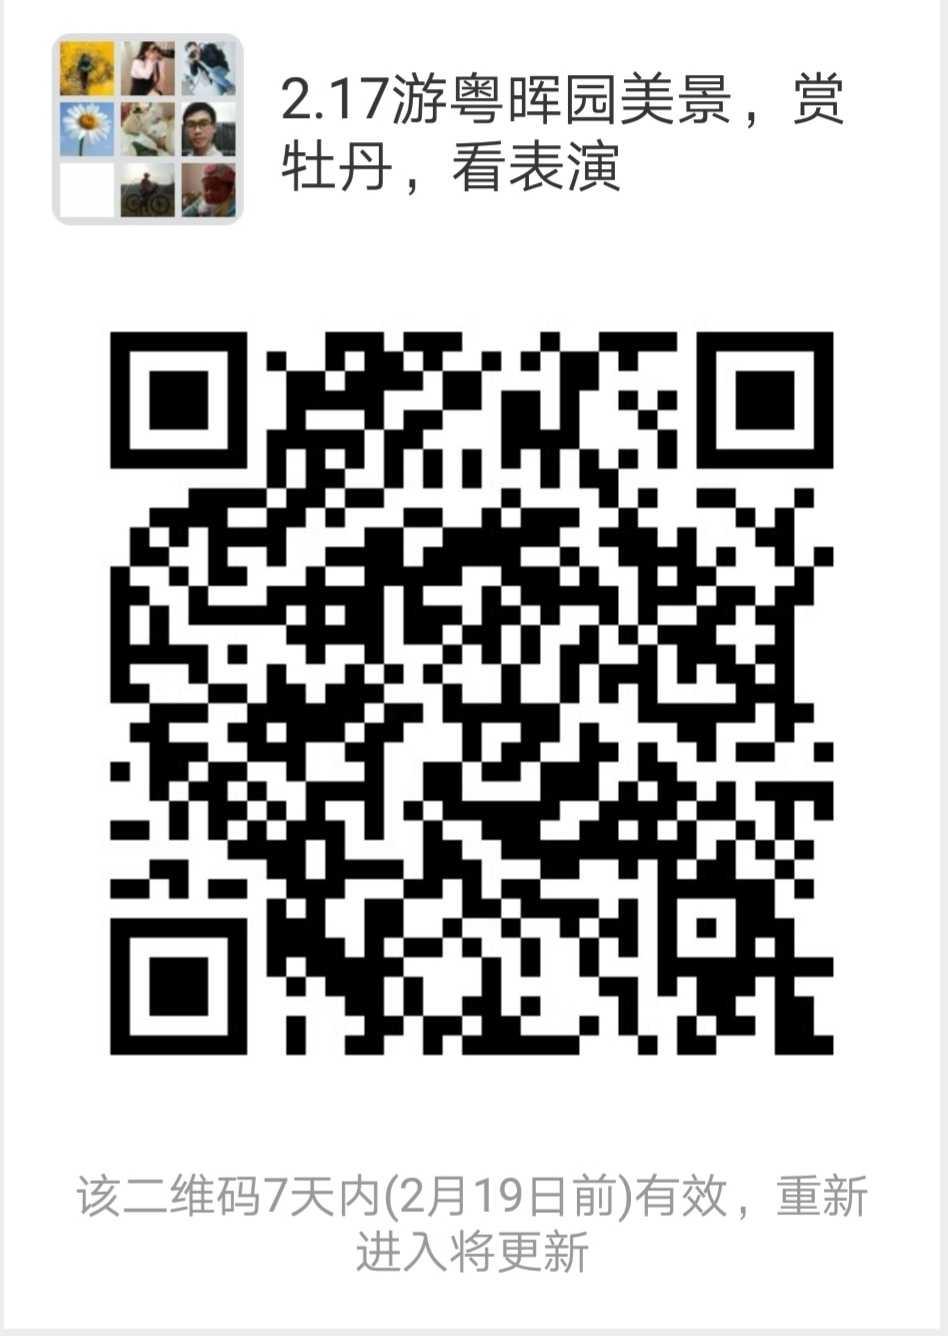 (54)2.17粤晖园隋唐文化节暨首届万株牡丹展-户外活动图-驼铃网